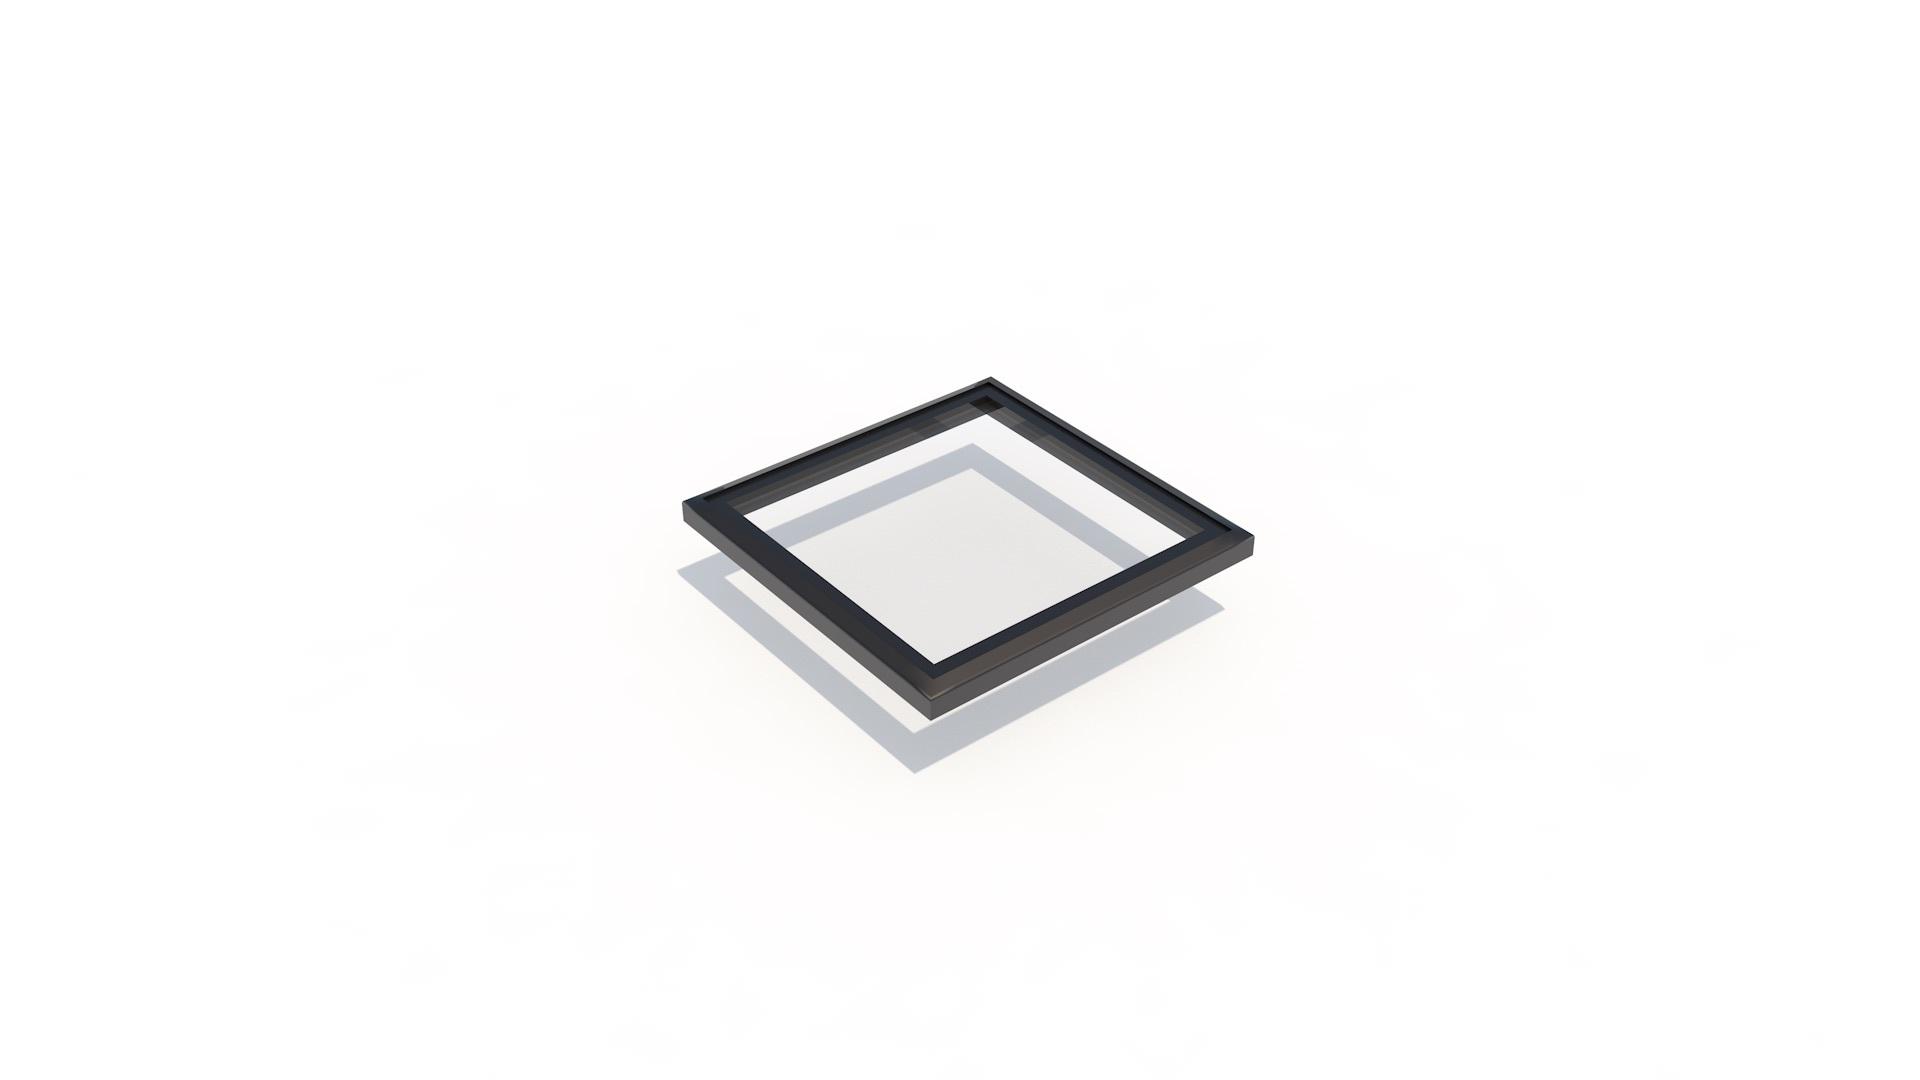 Frameless flat 800 x 800 - Frameless flat Skylight